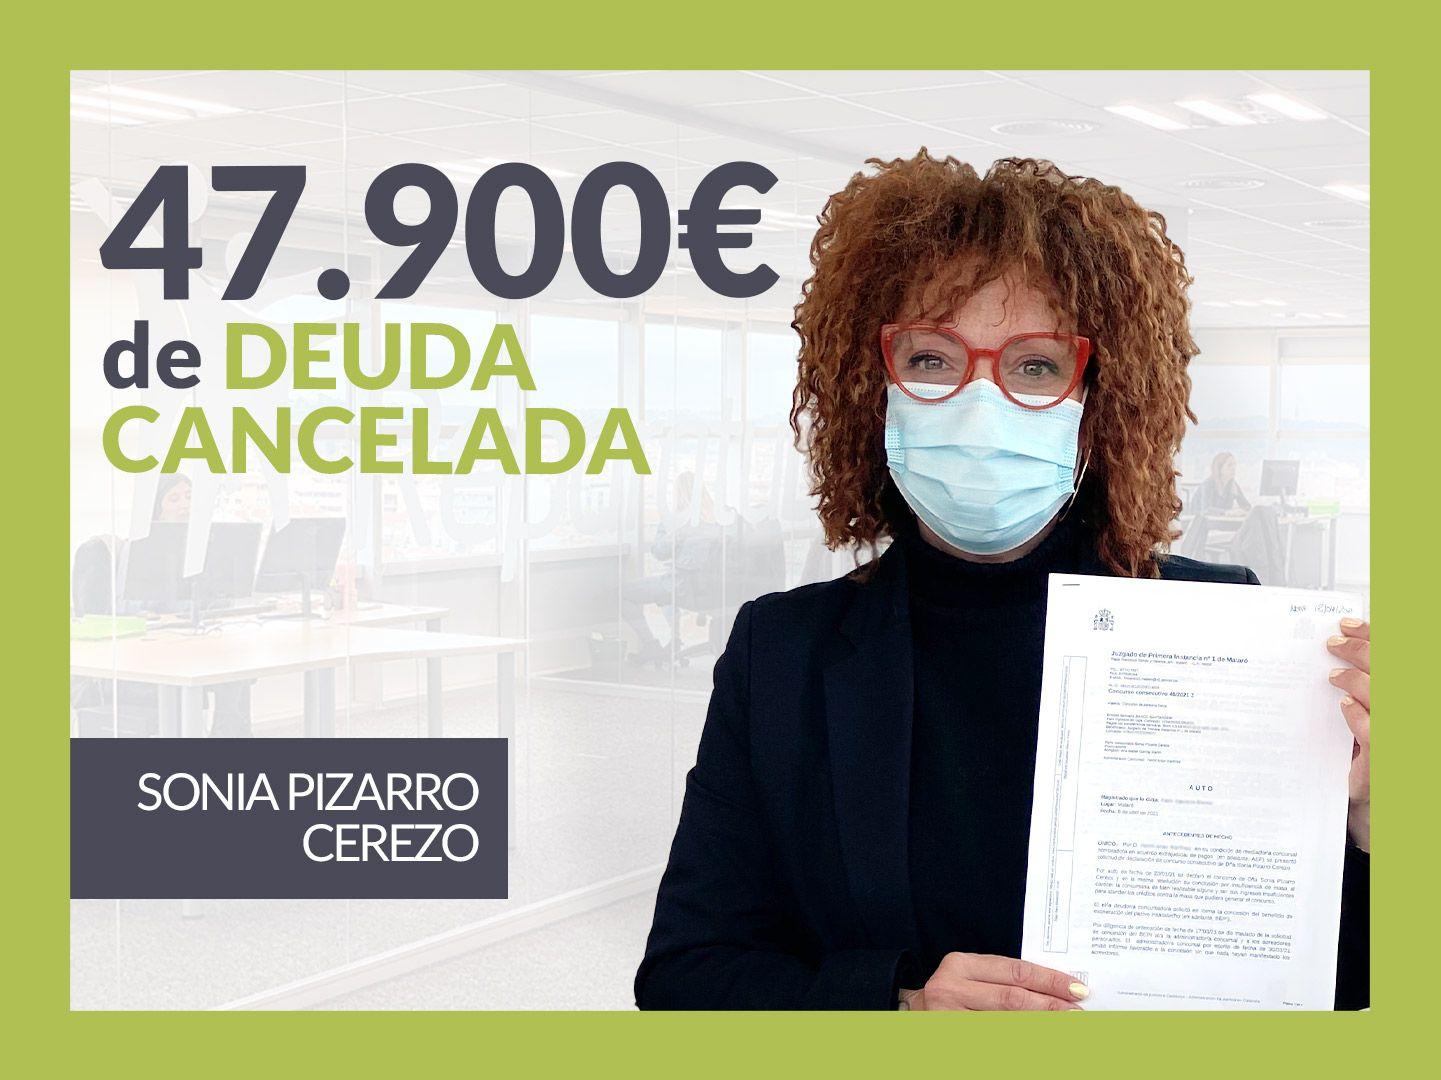 Foto de Sonia Pizarro, exonerada con Repara Tu Deuda con la Ley de